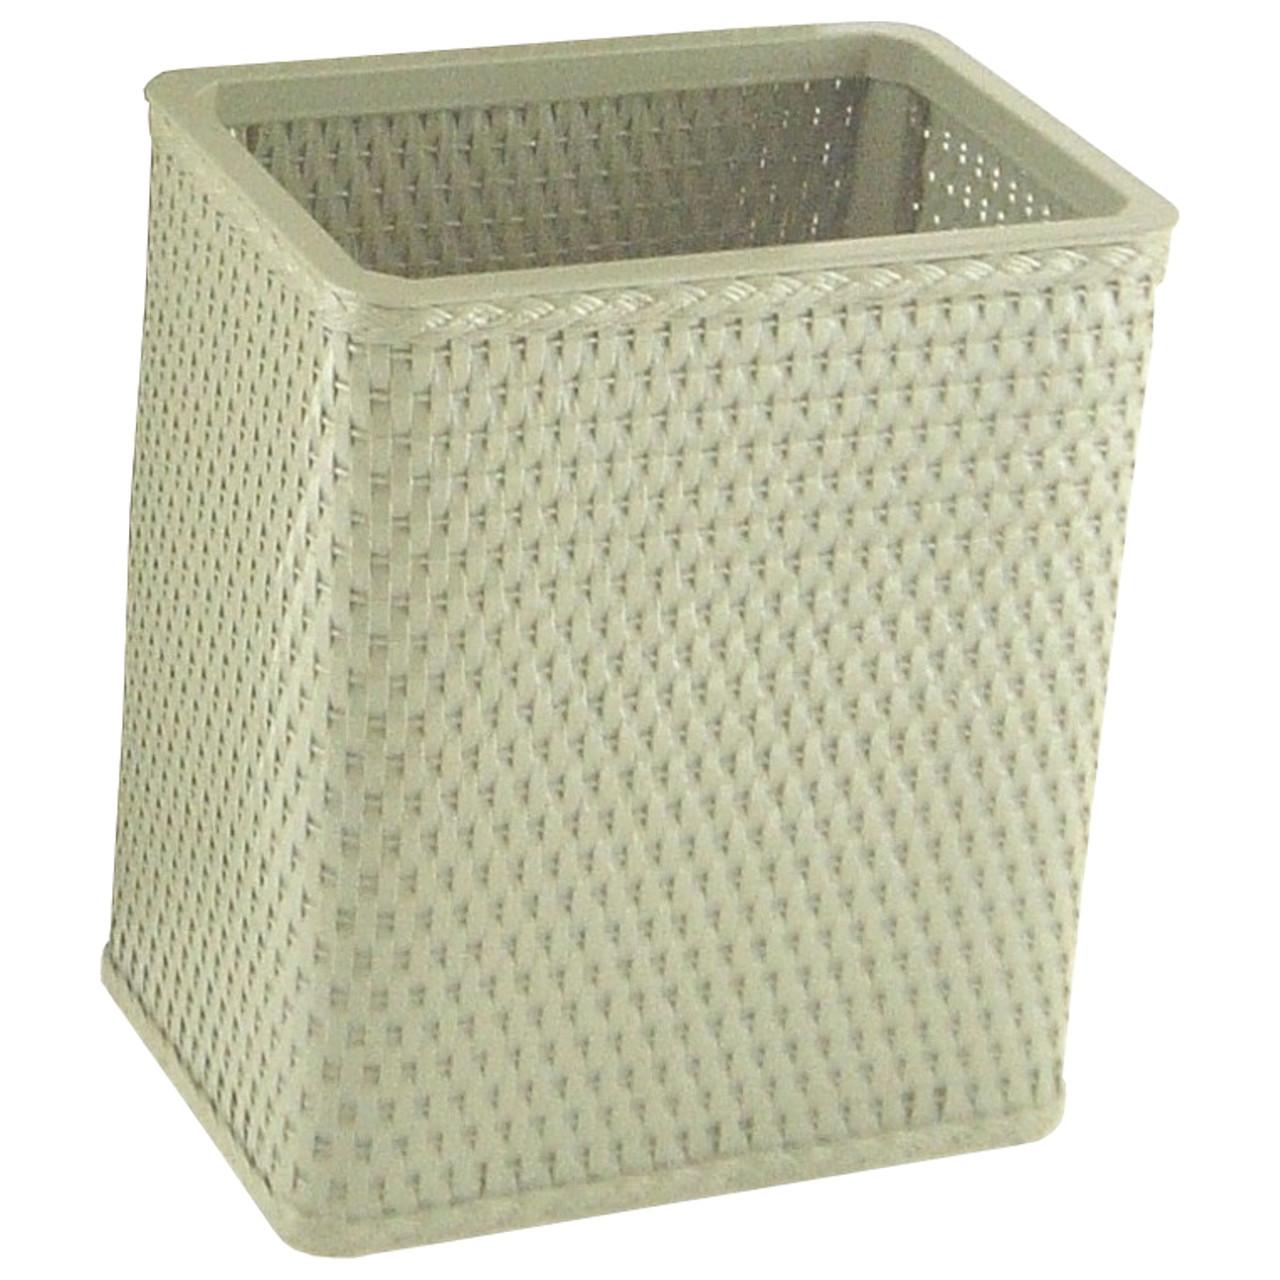 Chelsea Wicker Rectangular Wastebasket Sage